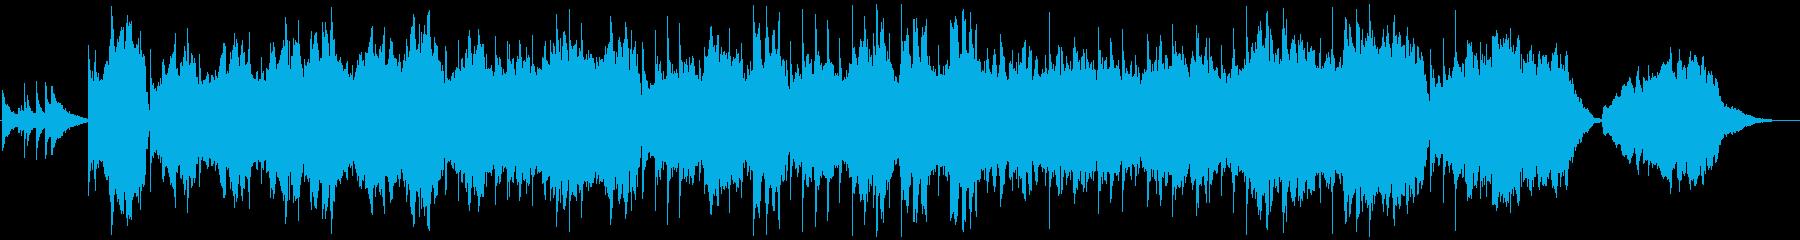 感動シーンに合うピアノ・ストリングスの再生済みの波形